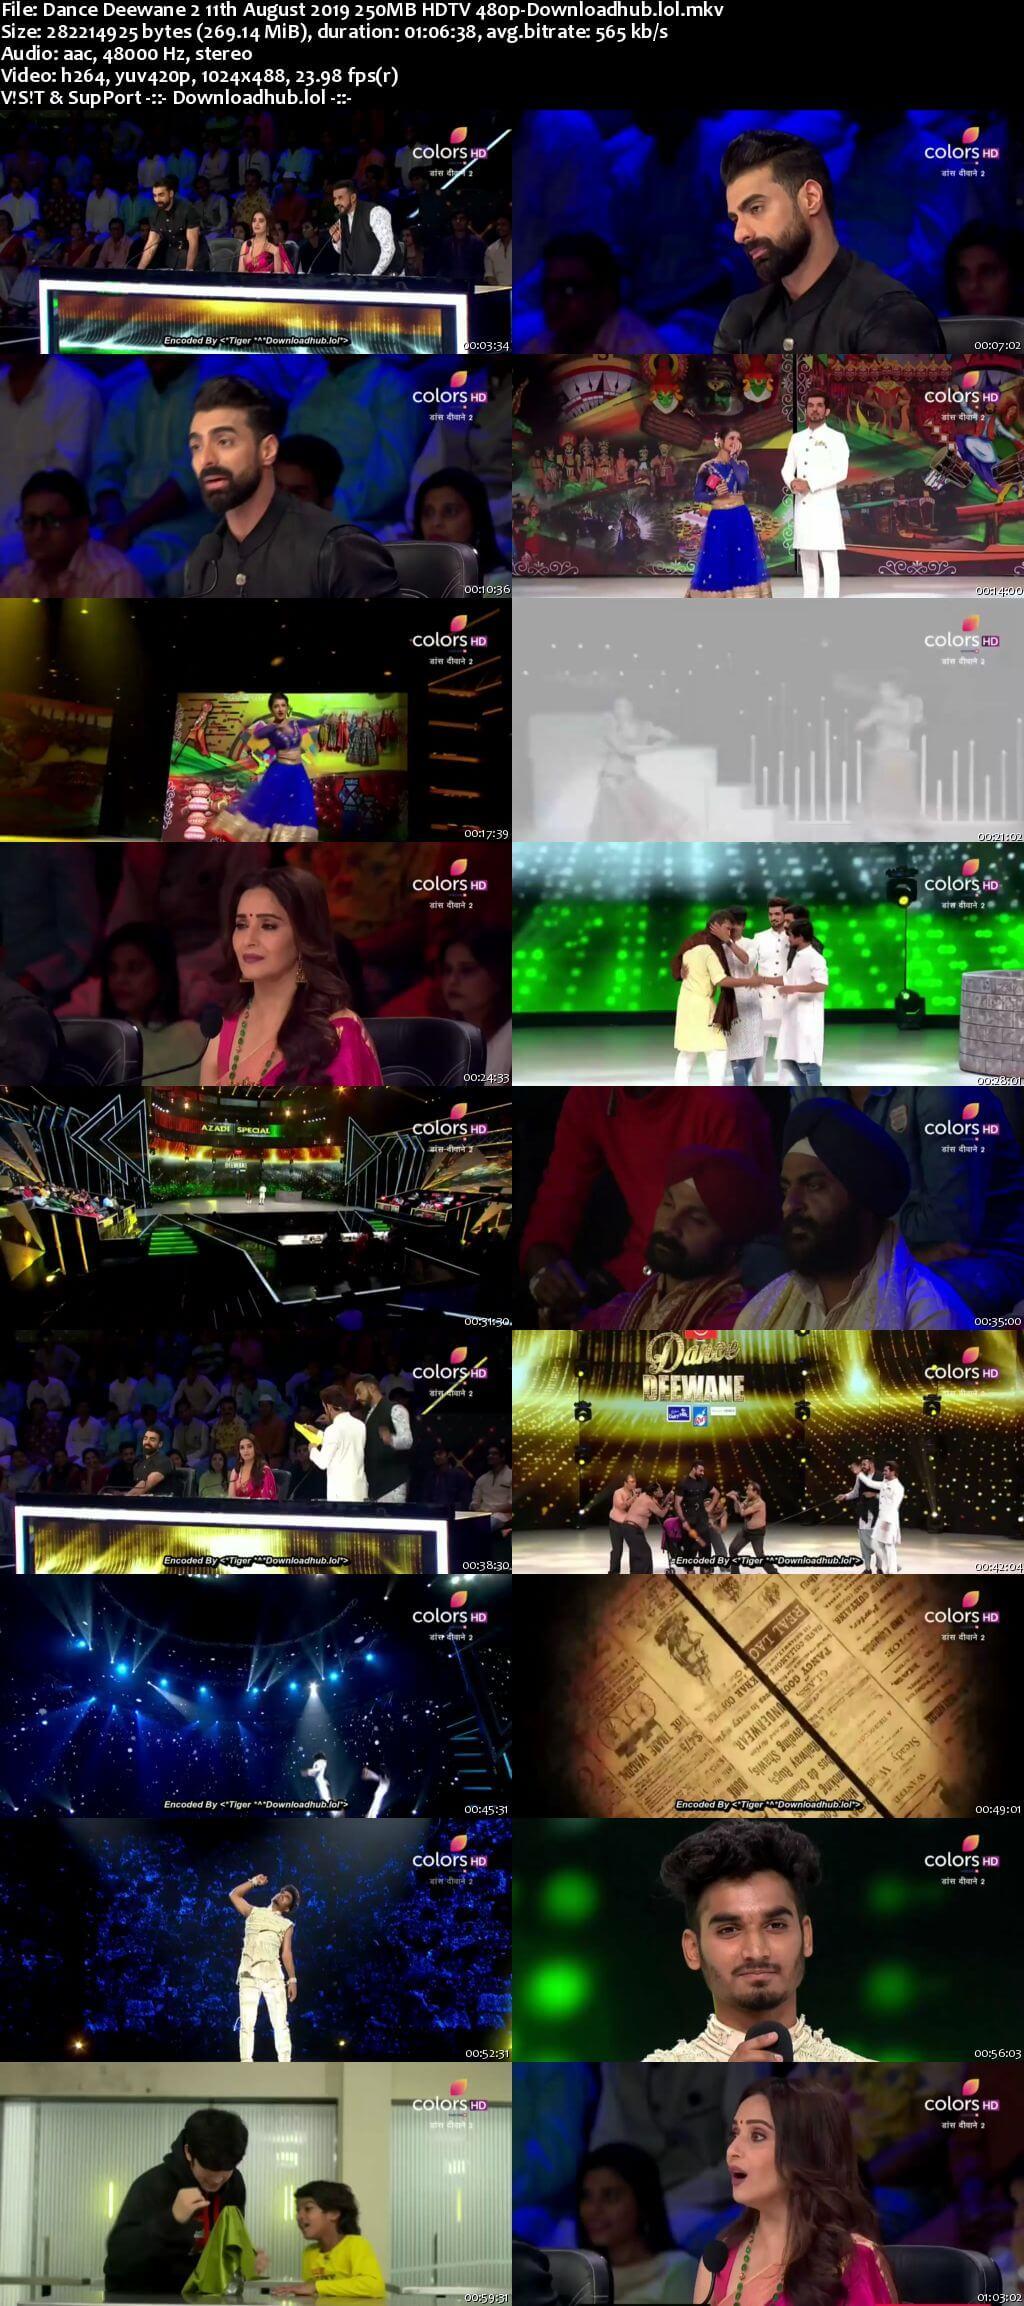 Dance Deewane 2 11 August 2019 Episode 18 HDTV 480p